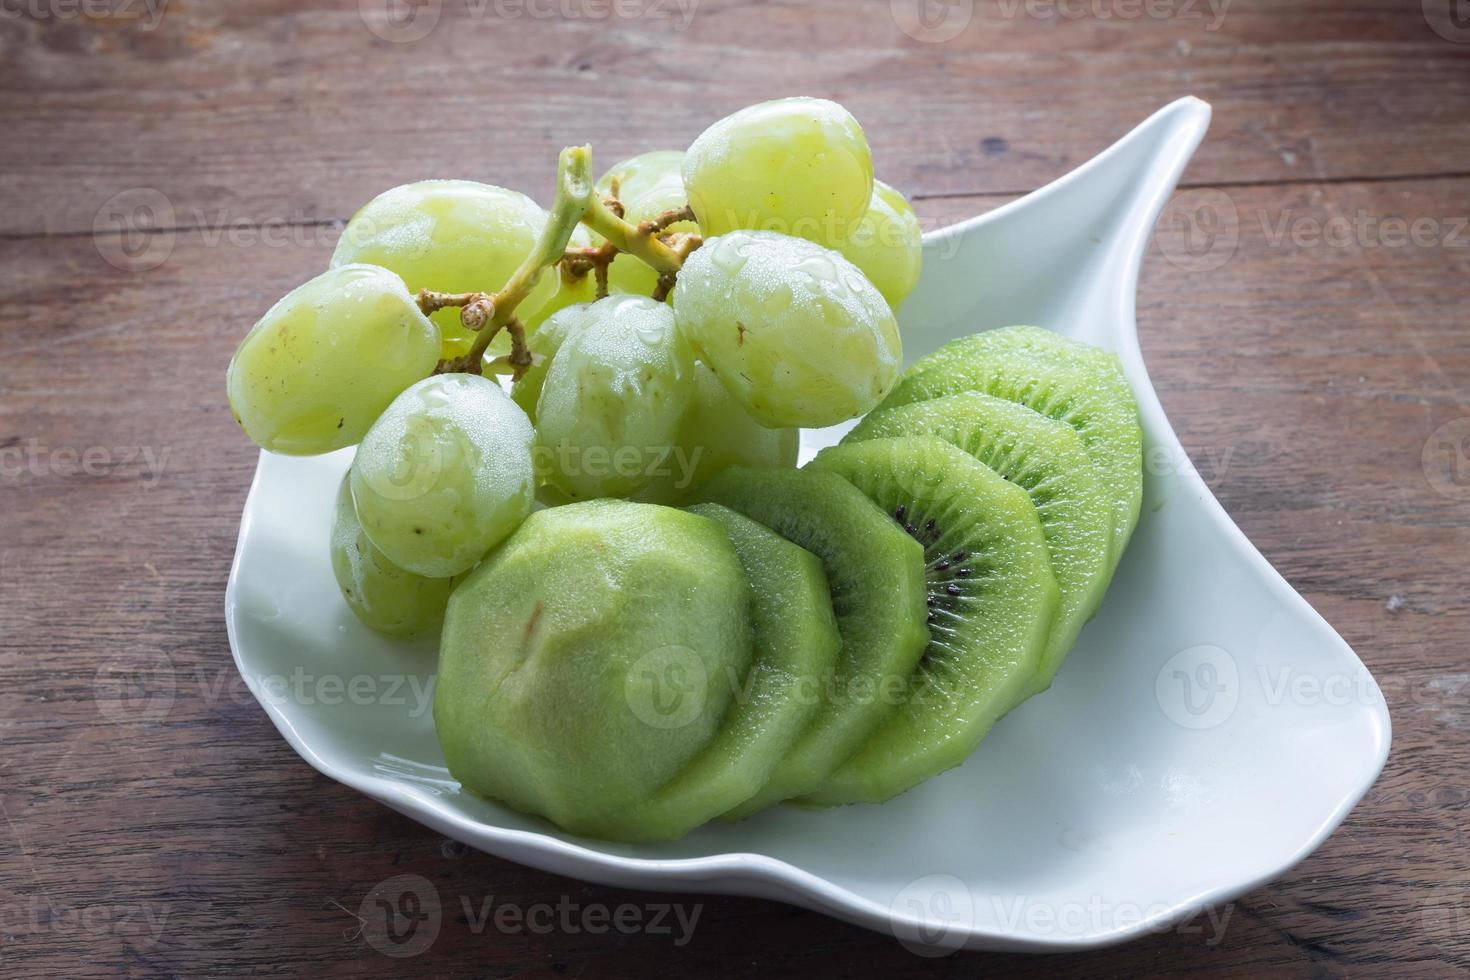 uva verde y kiwi en plato blanco foto